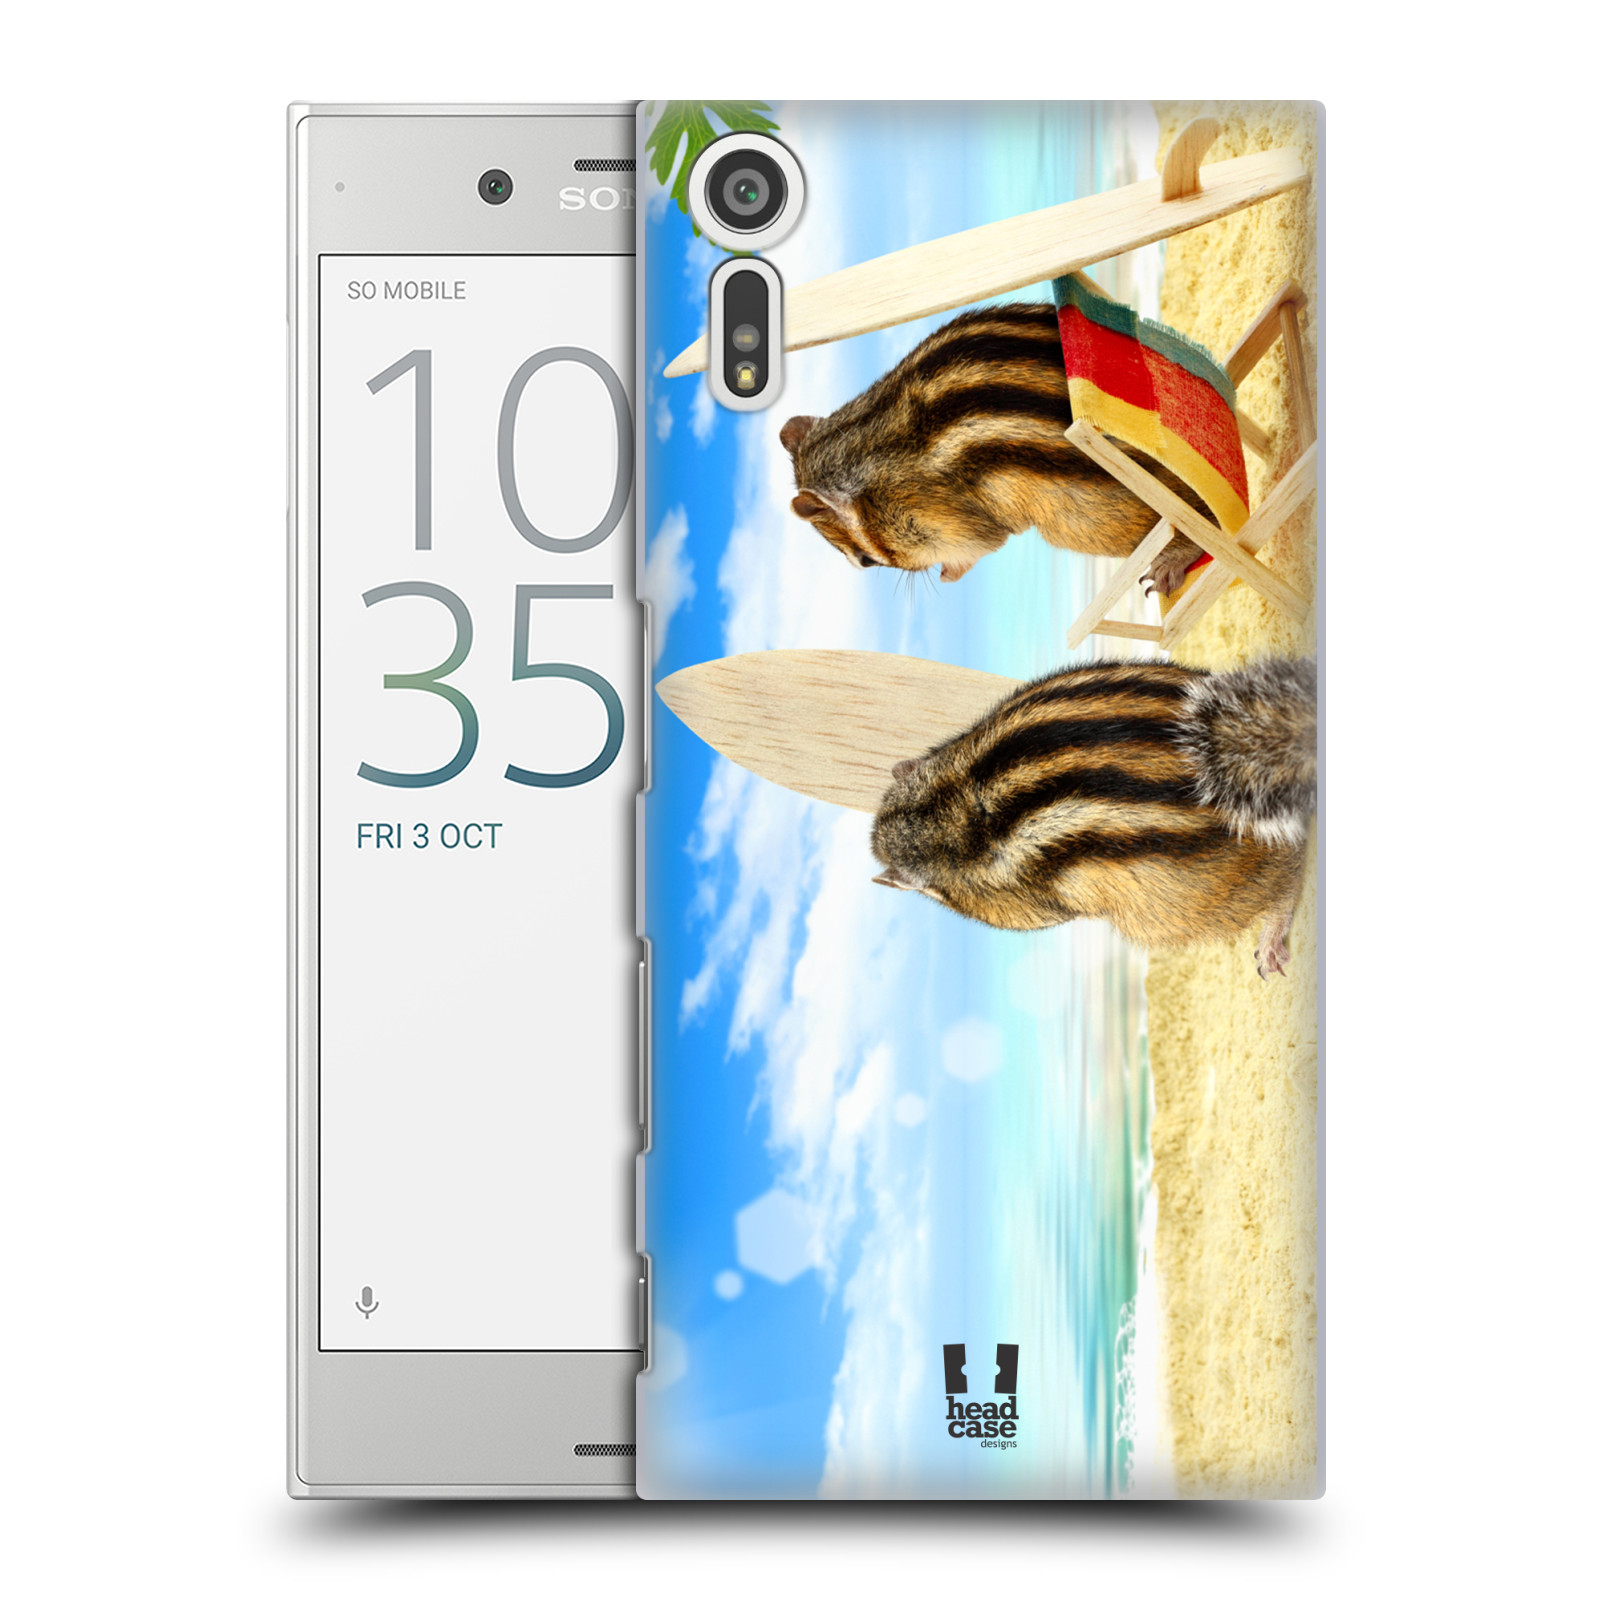 HEAD CASE plastový obal na mobil Sony Xperia XZ vzor Legrační zvířátka veverky surfaři u moře